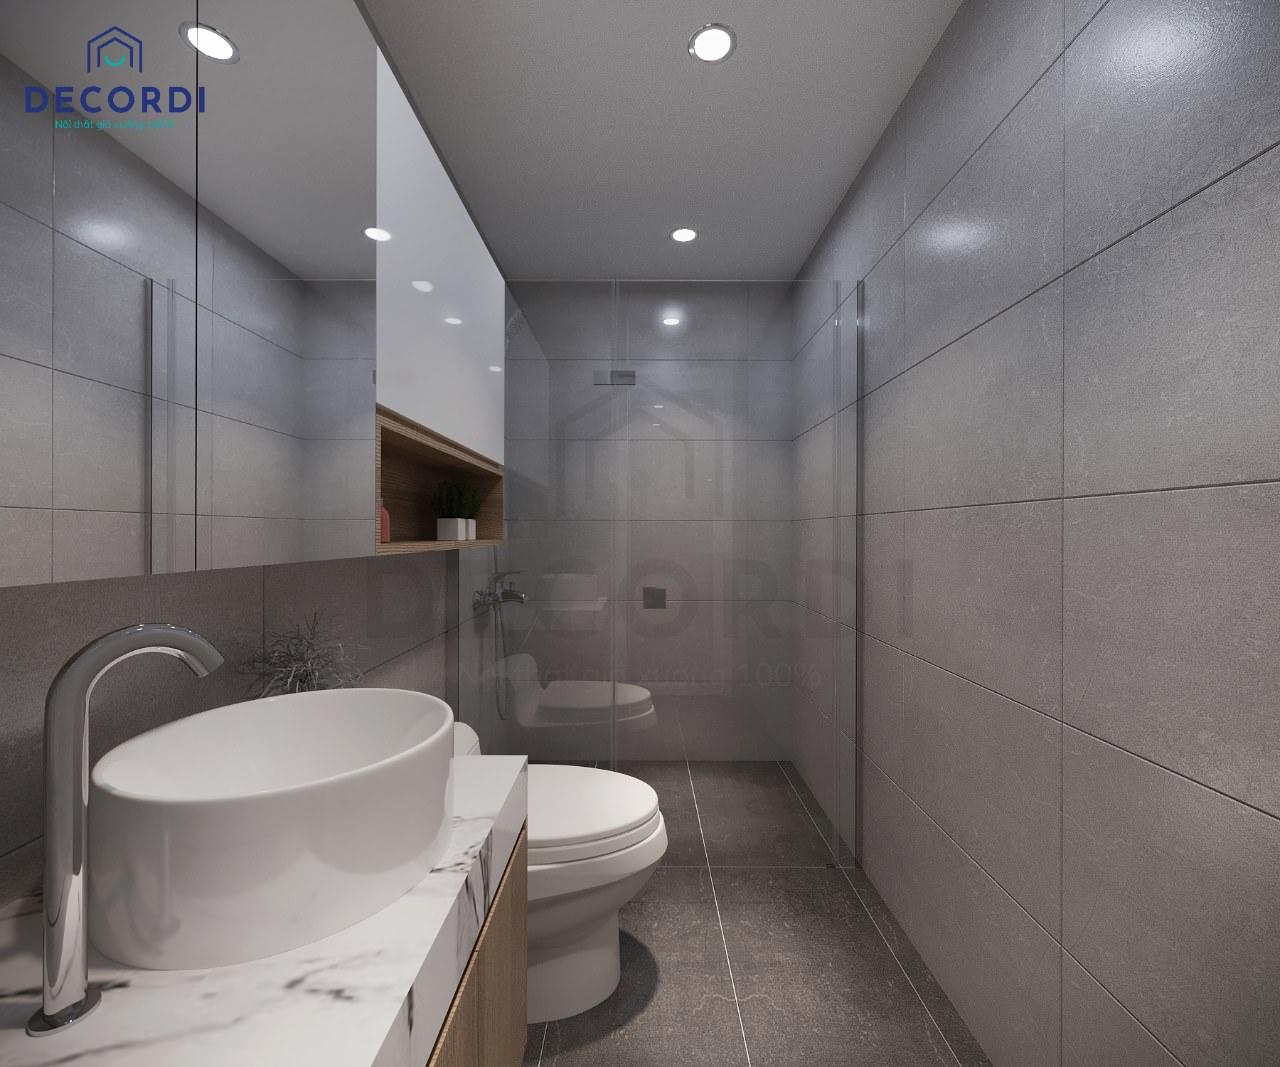 noi that toilet noi that Decordi